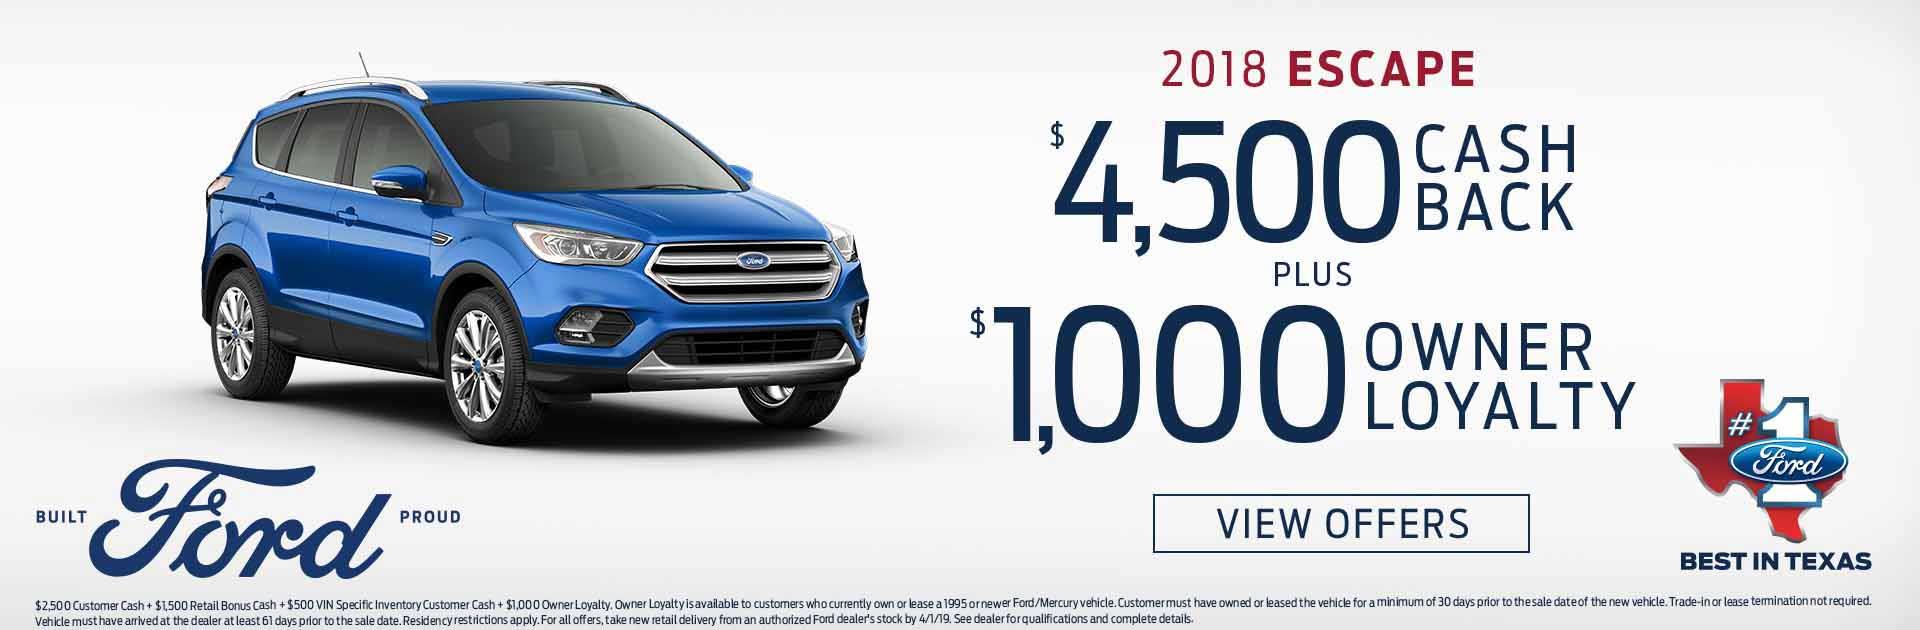 Sam Pack Ford Lewisville >> Ford Dealership Lewisville TX | Sam Pack Ford Lewisville